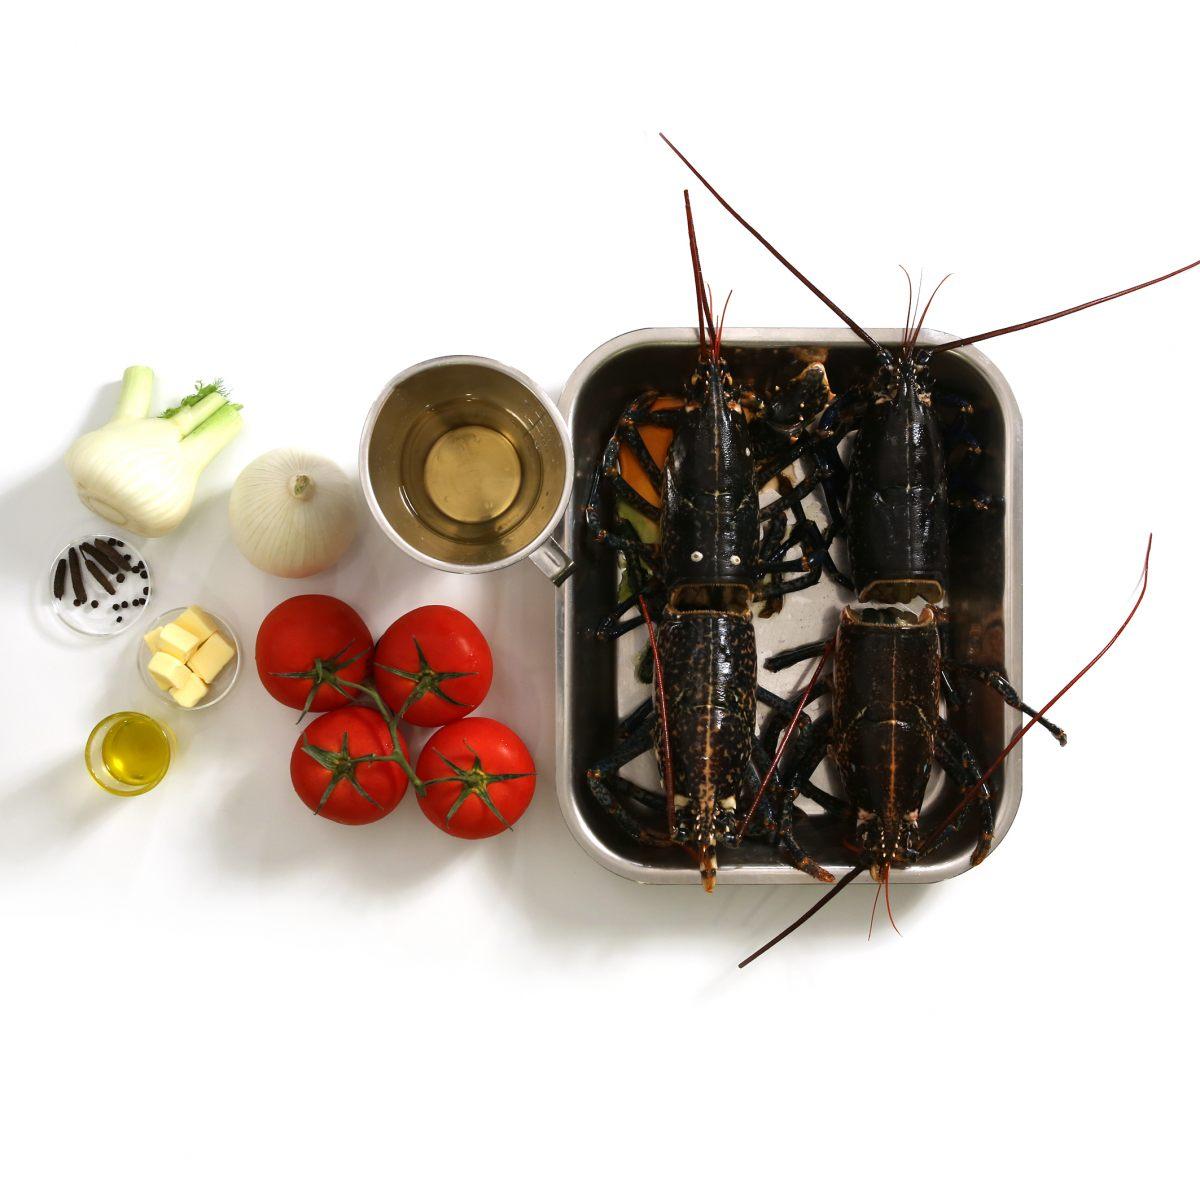 Fumet de crustacés (homard )